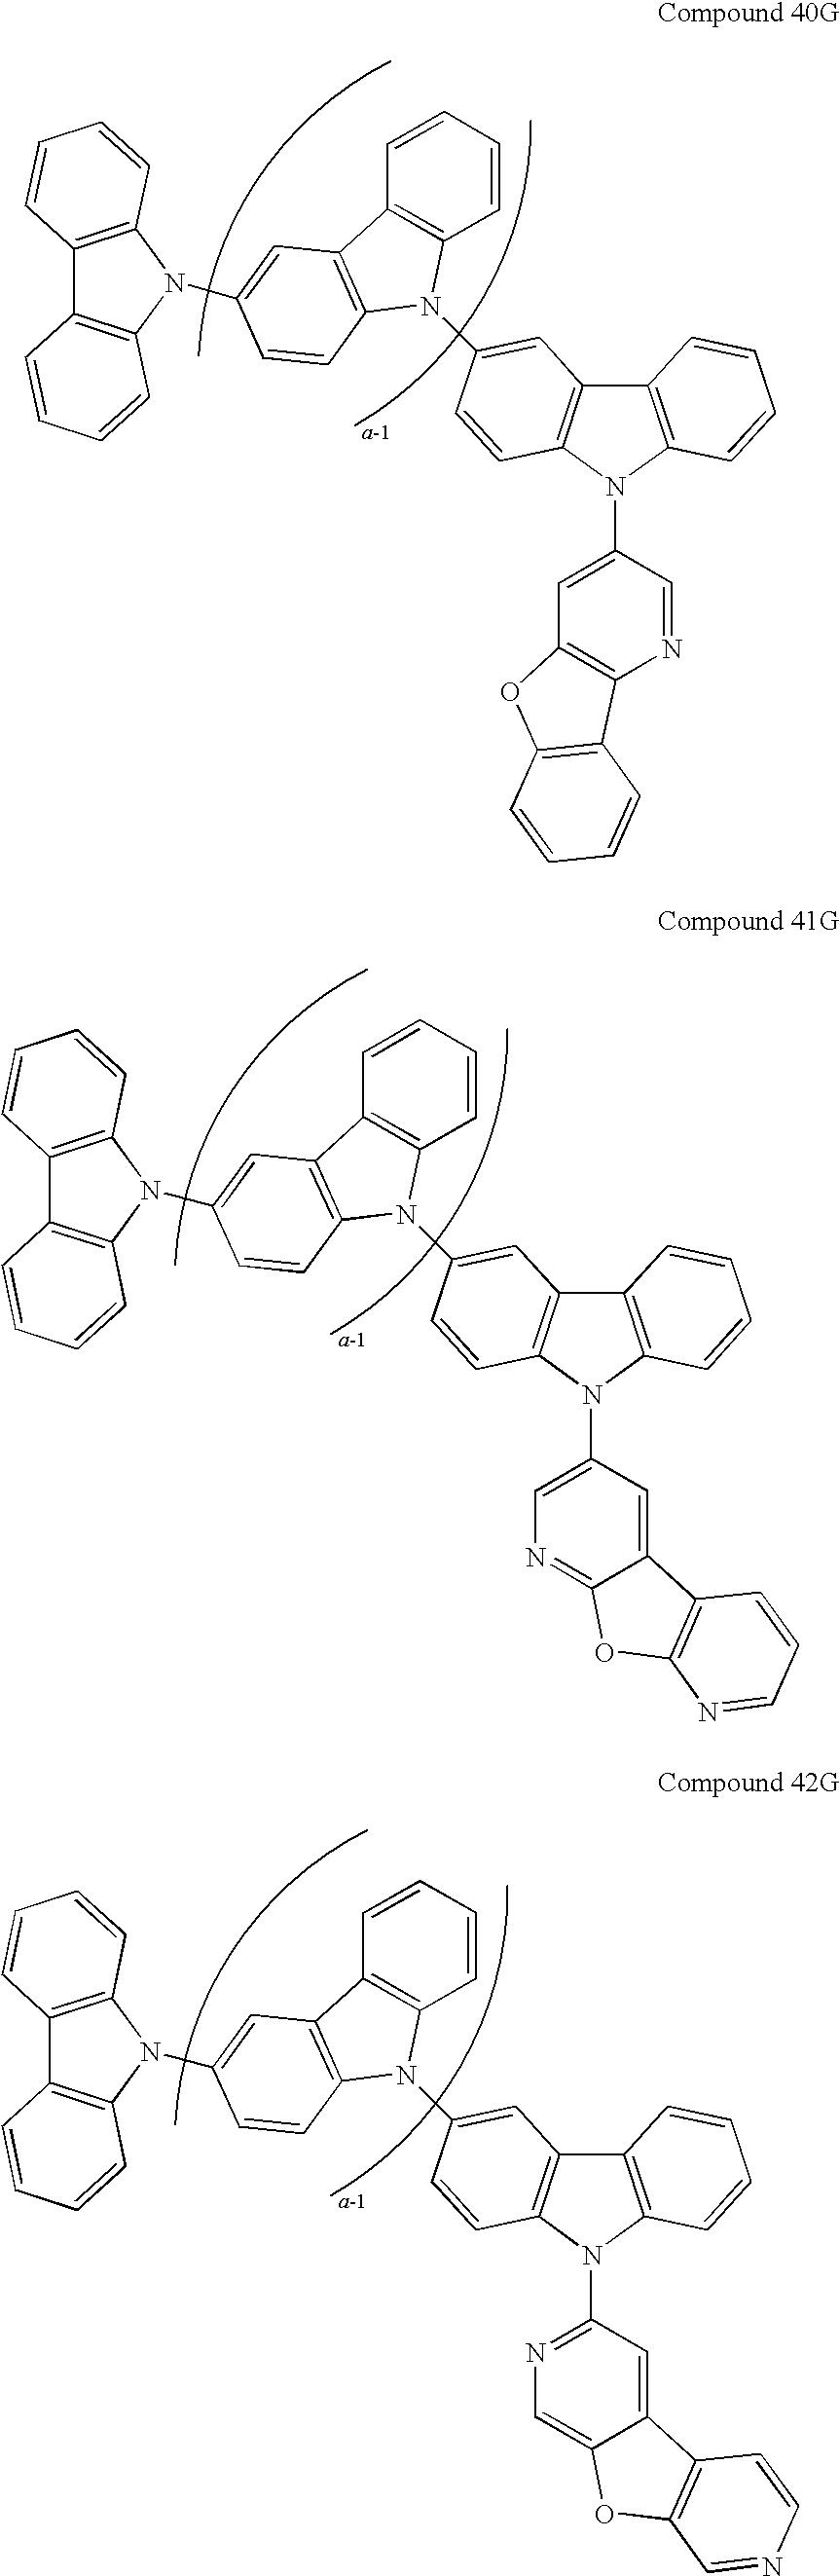 Figure US20090134784A1-20090528-C00017